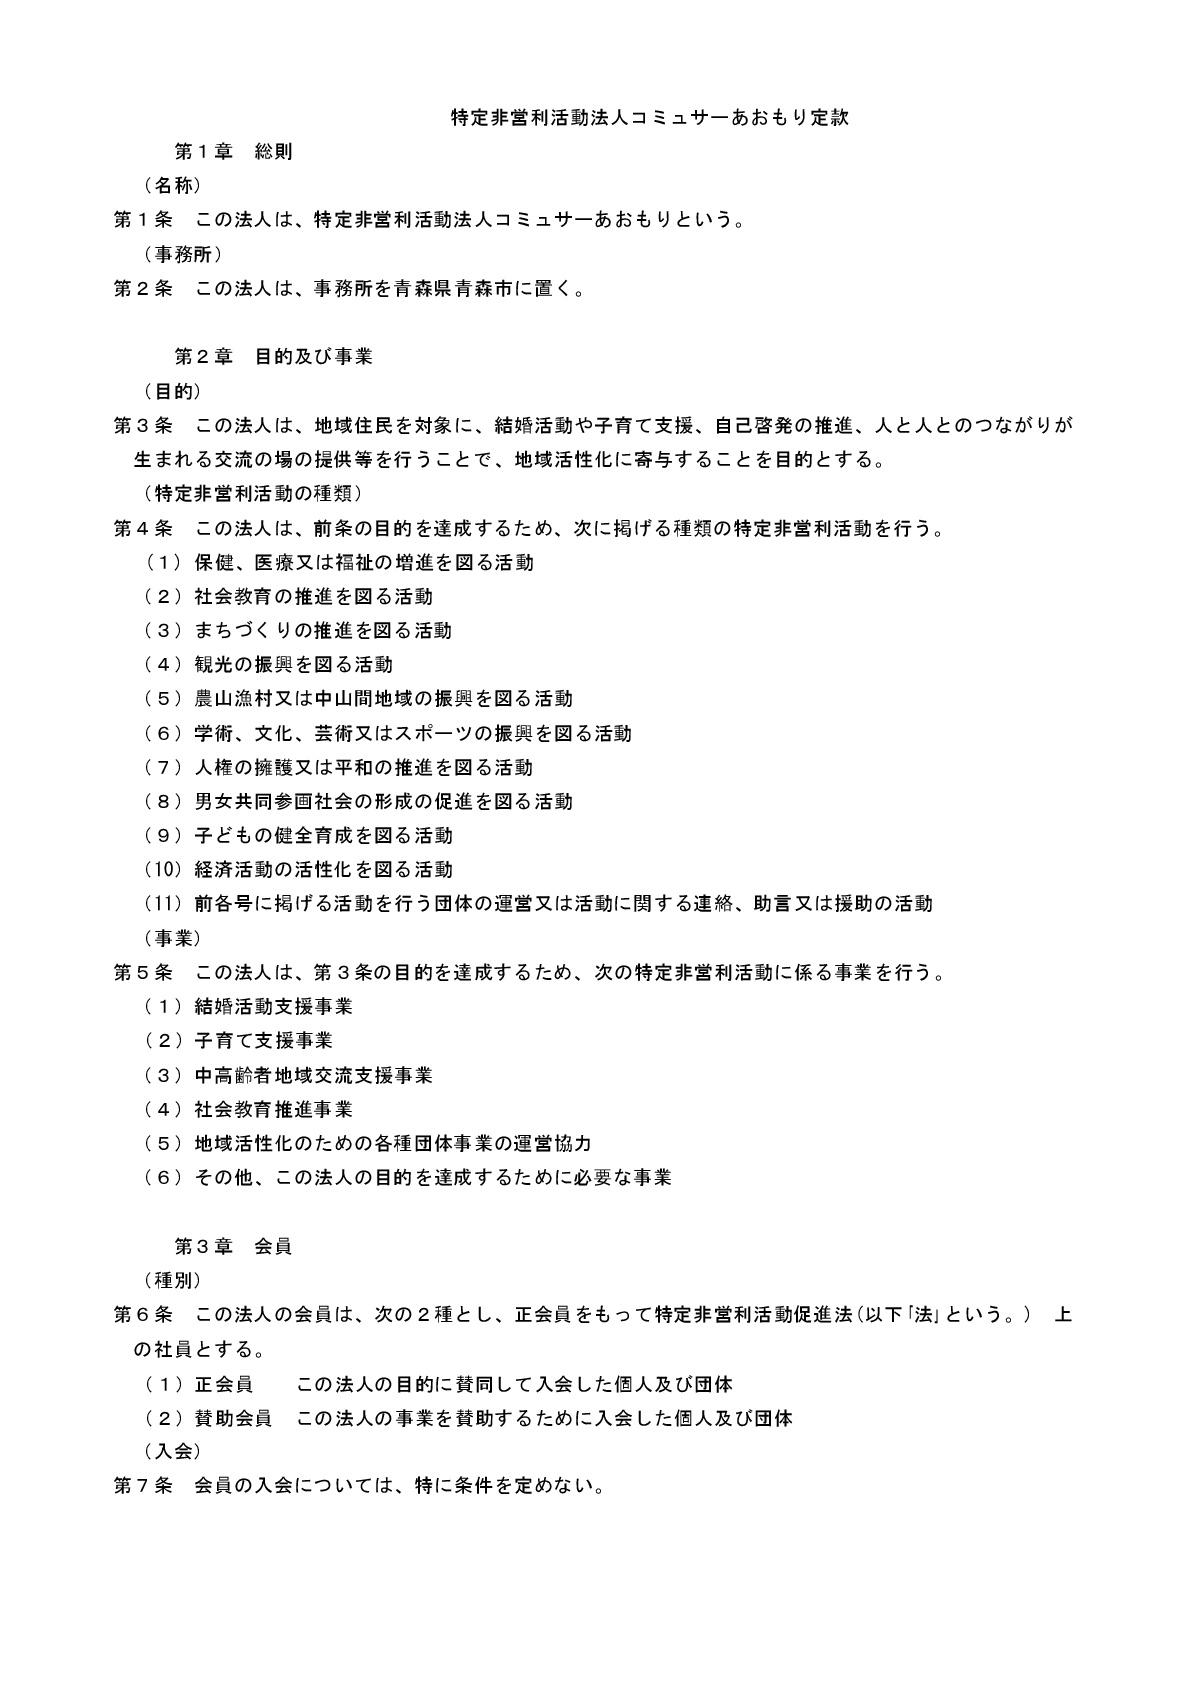 定款ページ1